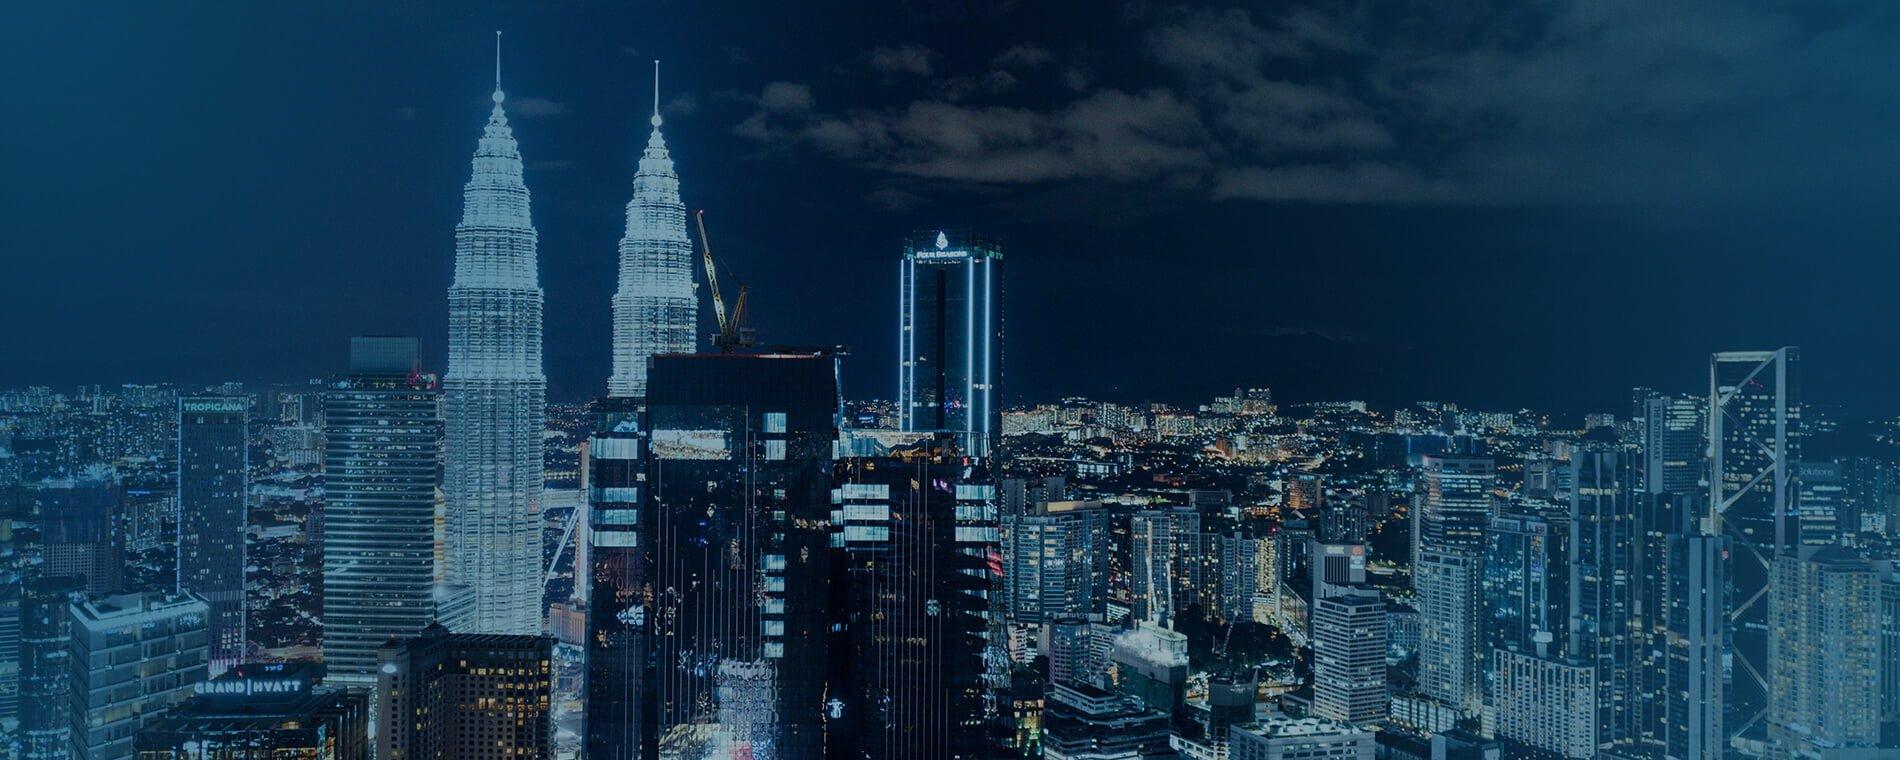 Web Hosting In Kuala Lumpur